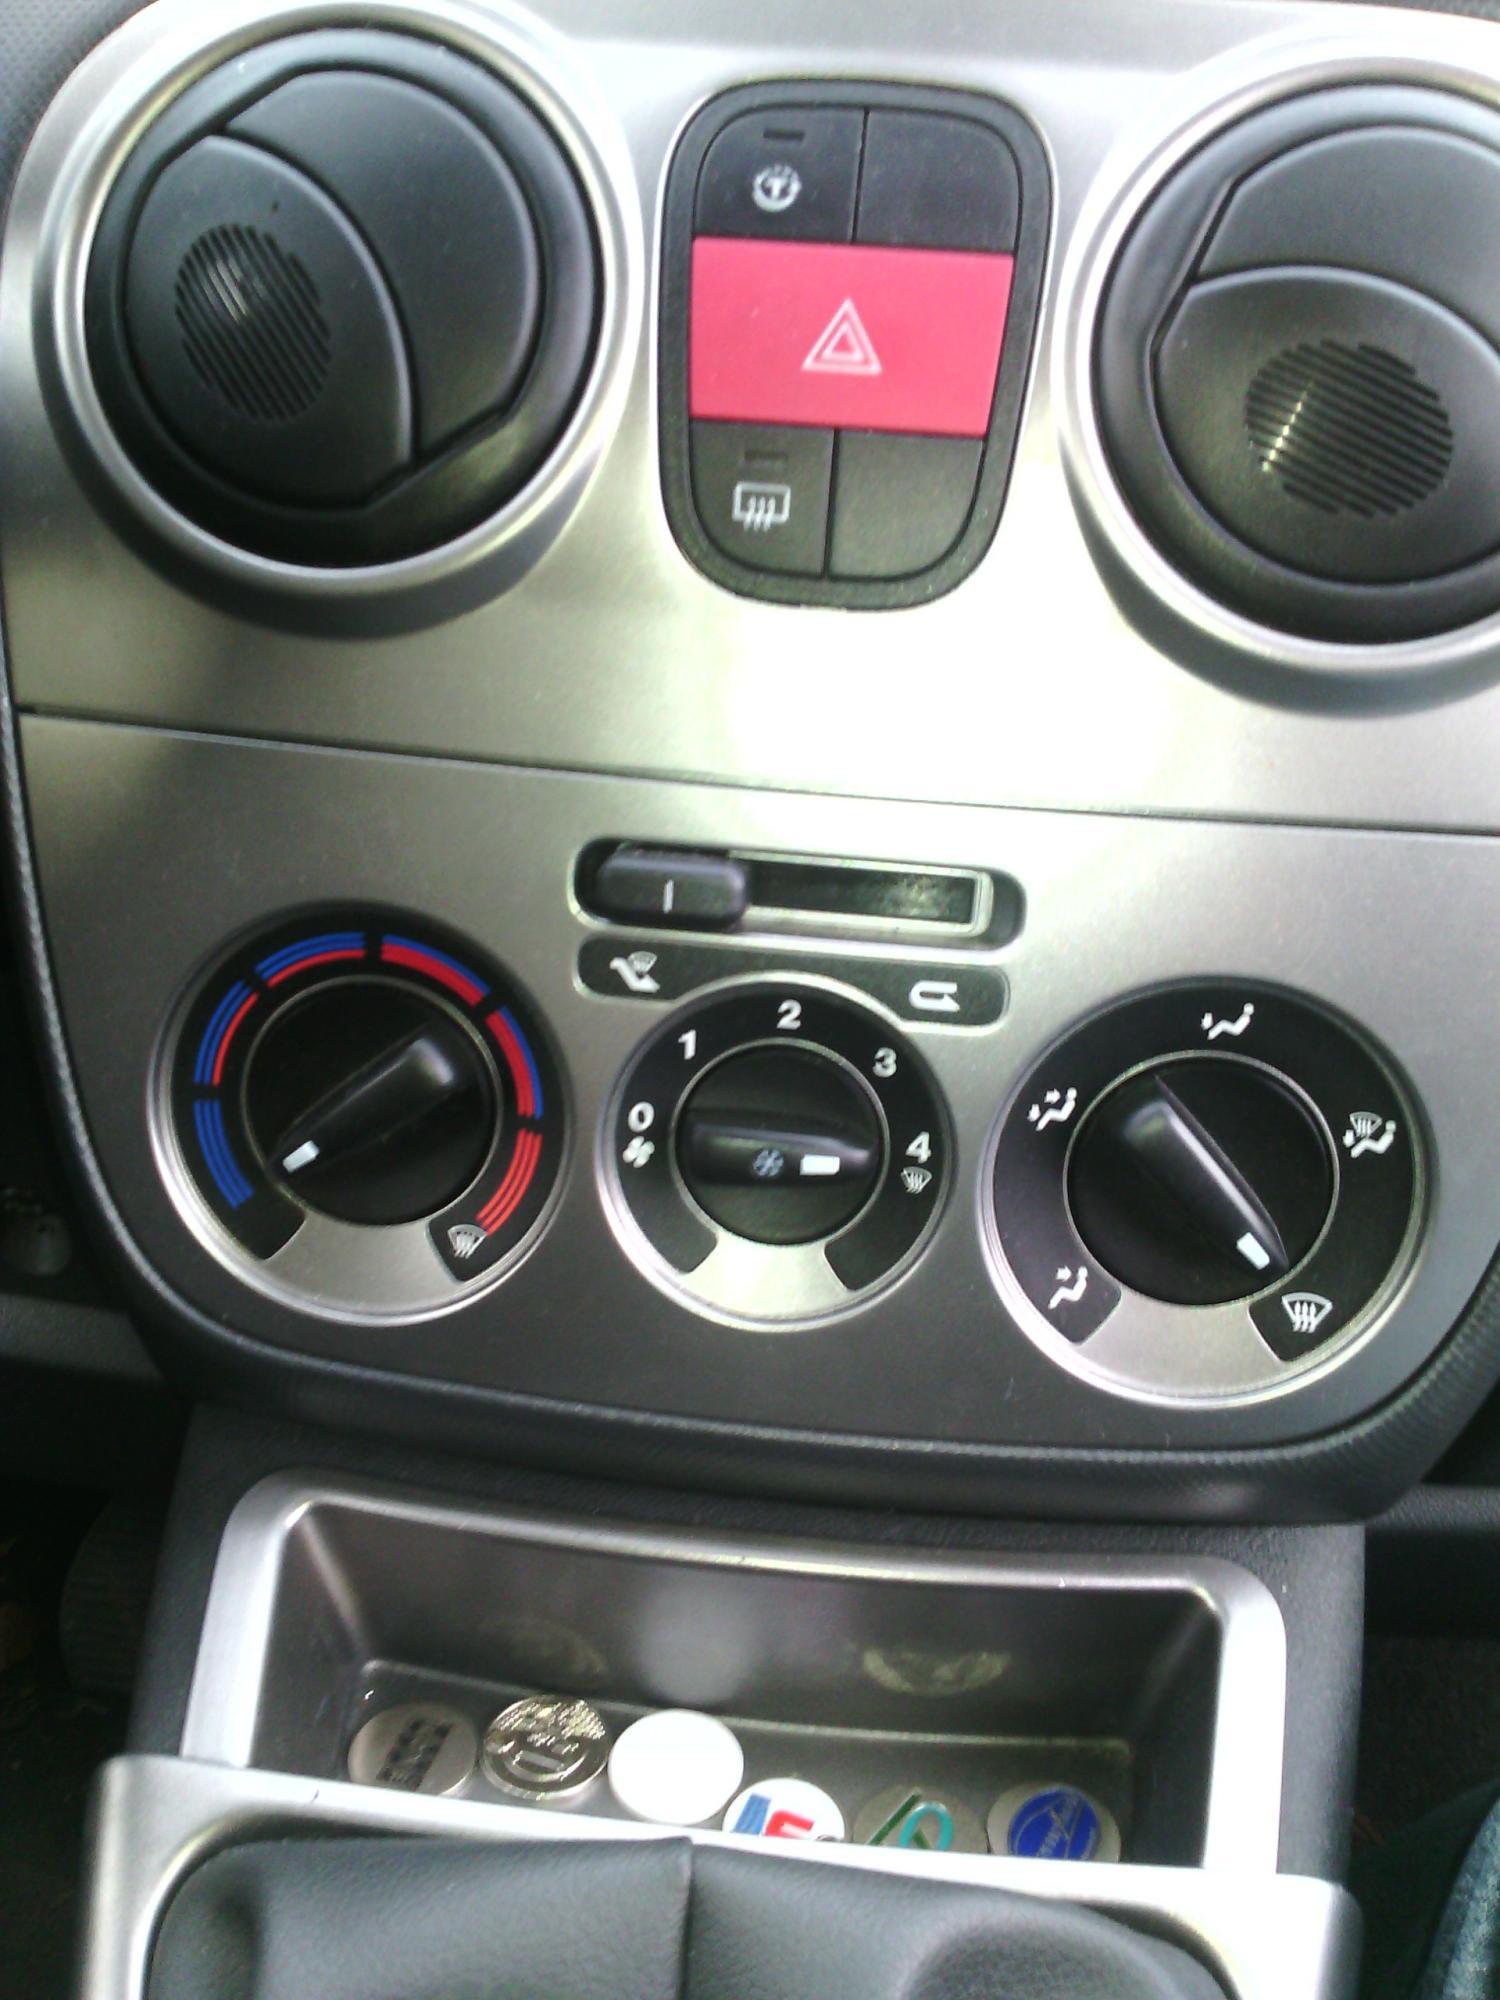 Bouton de chauffage bloqué sur froid - Fiat - Fiorino Qubo ...